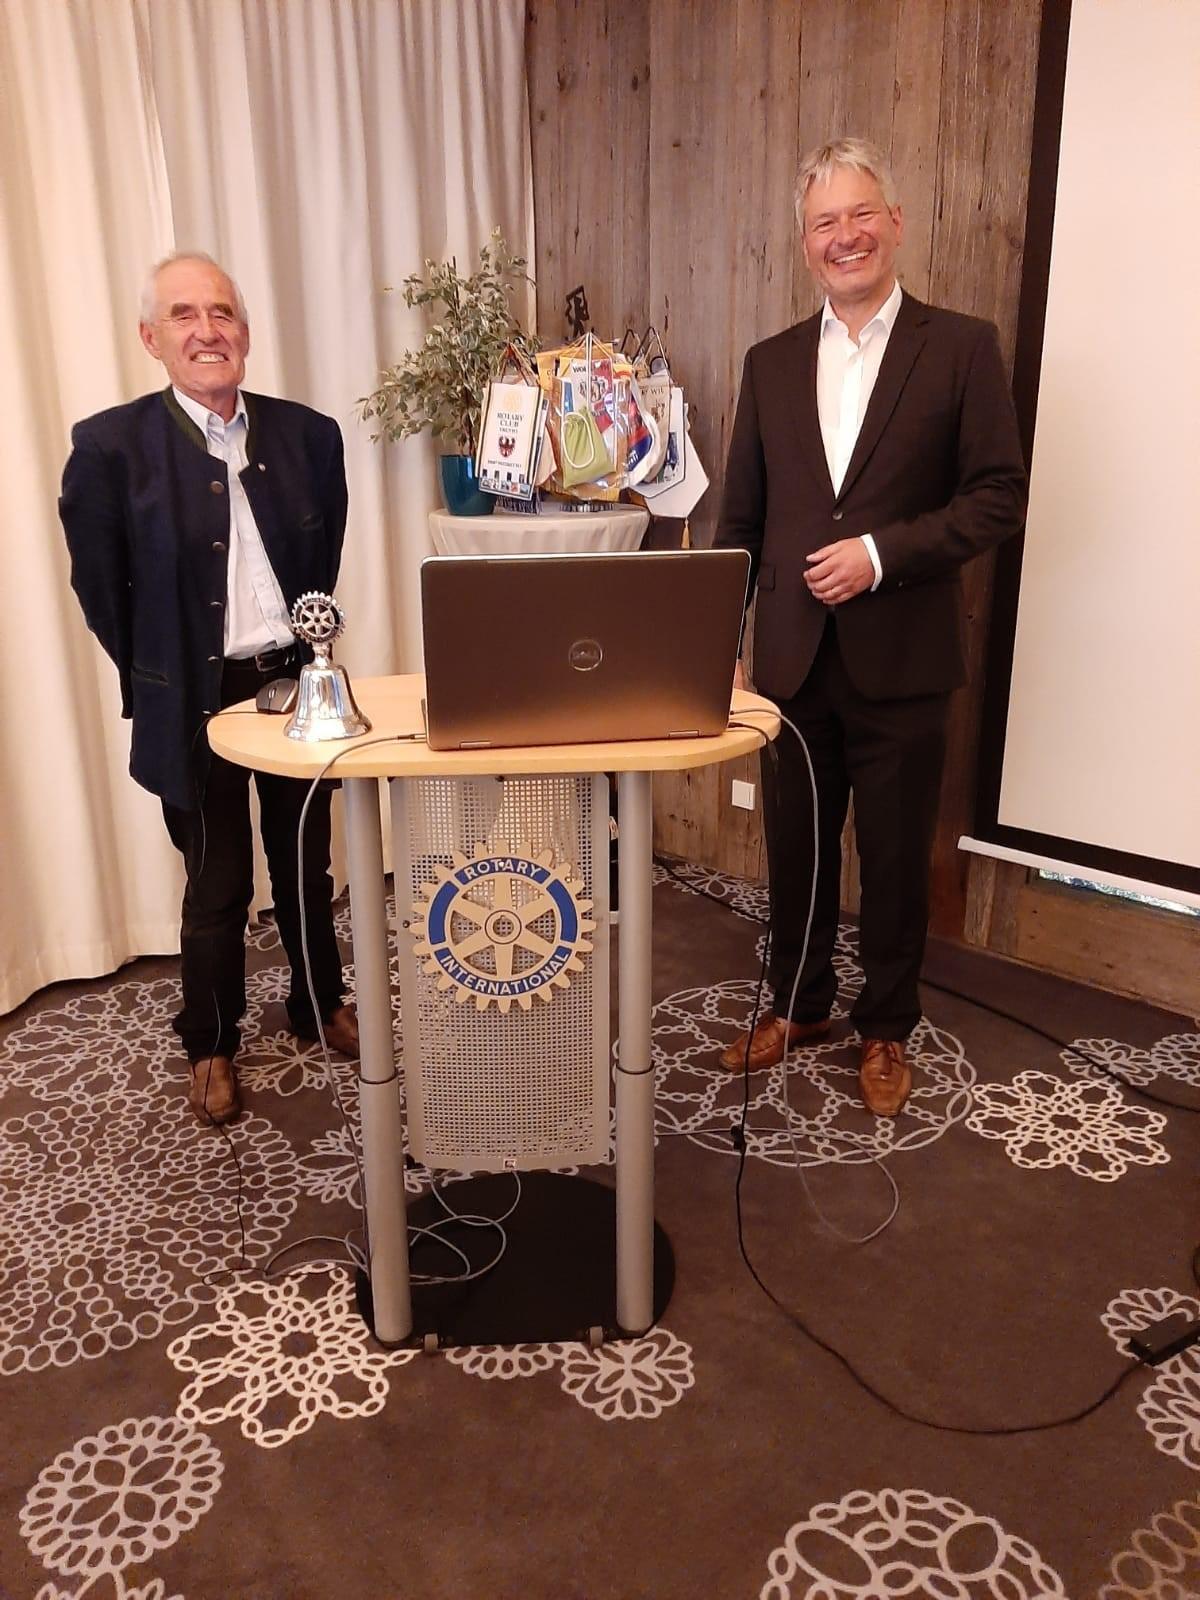 Vortrag für Rotary Kempten: Die Coachingmethode Clean Language